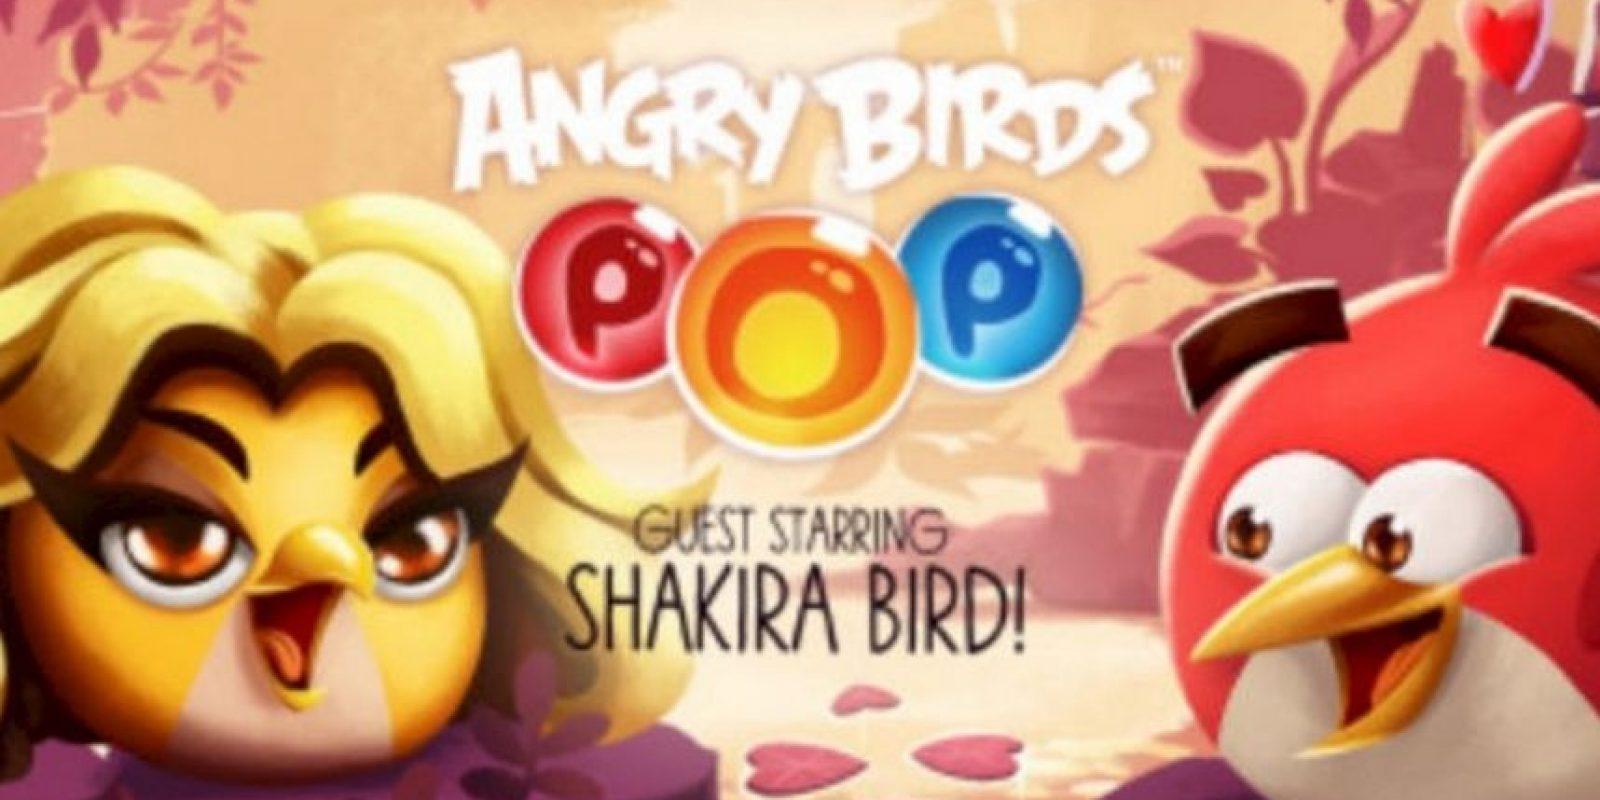 """Shakira ahora es un personaje de """"Angry Birds"""". Foto:Rovio"""